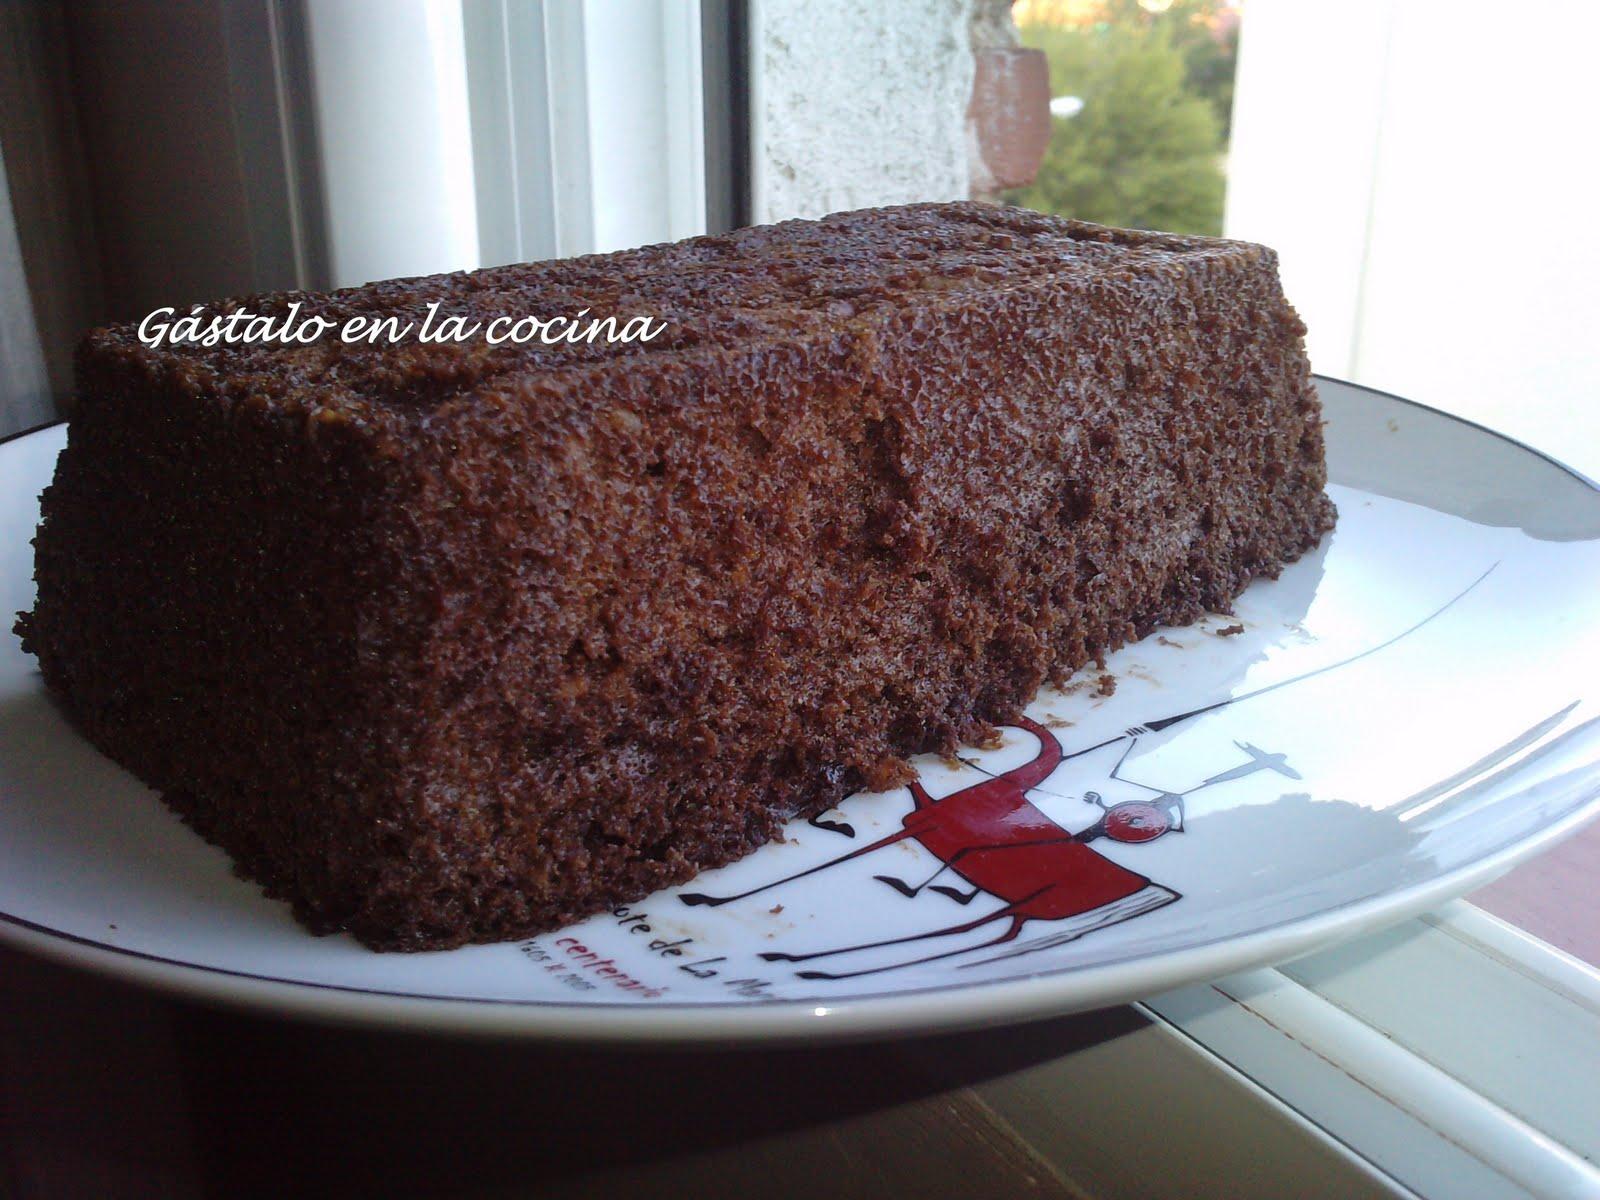 G stalo en la cocina bizcocho de chocolate y nueces al - Bizcocho con microondas ...